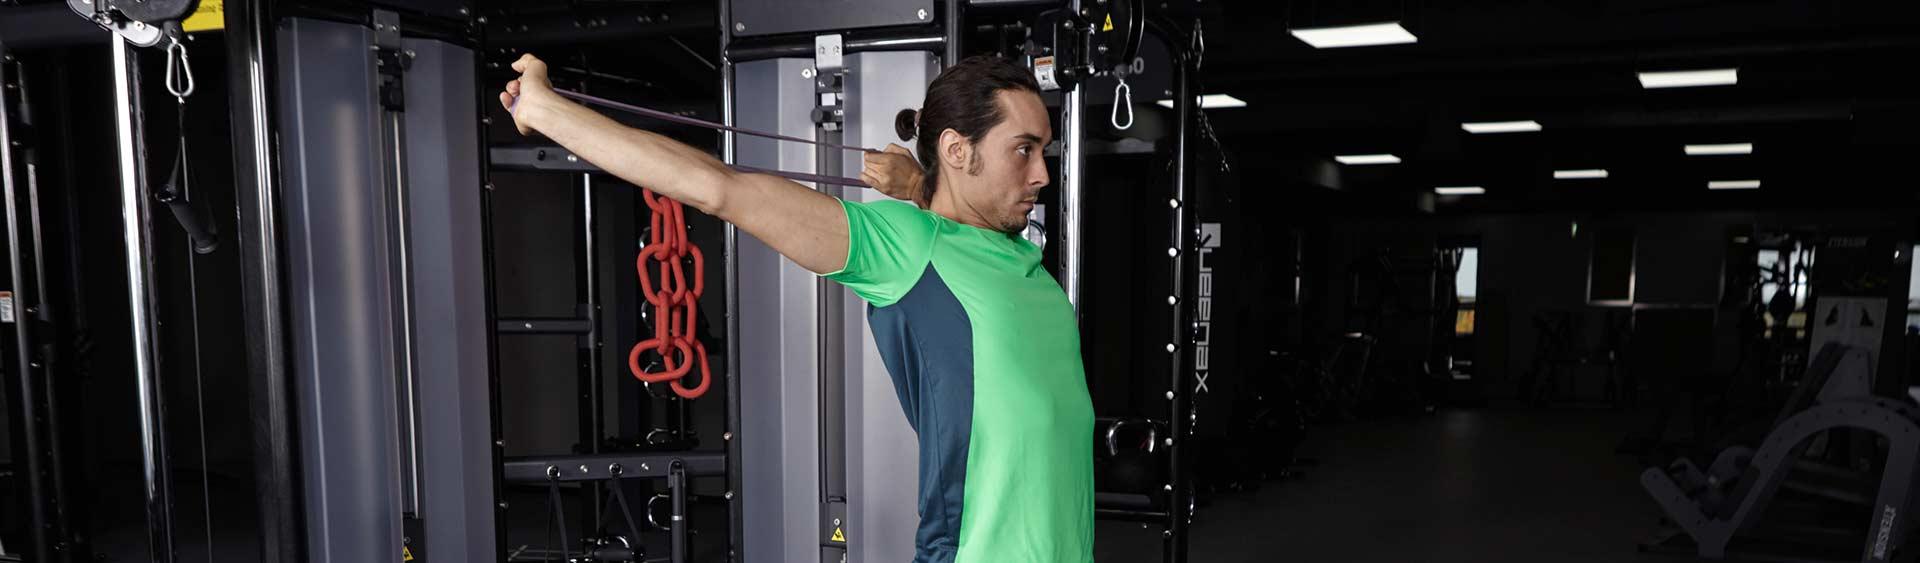 biokinematik trainer ausbildung fitnesstrainer ausbildung safs beta. Black Bedroom Furniture Sets. Home Design Ideas